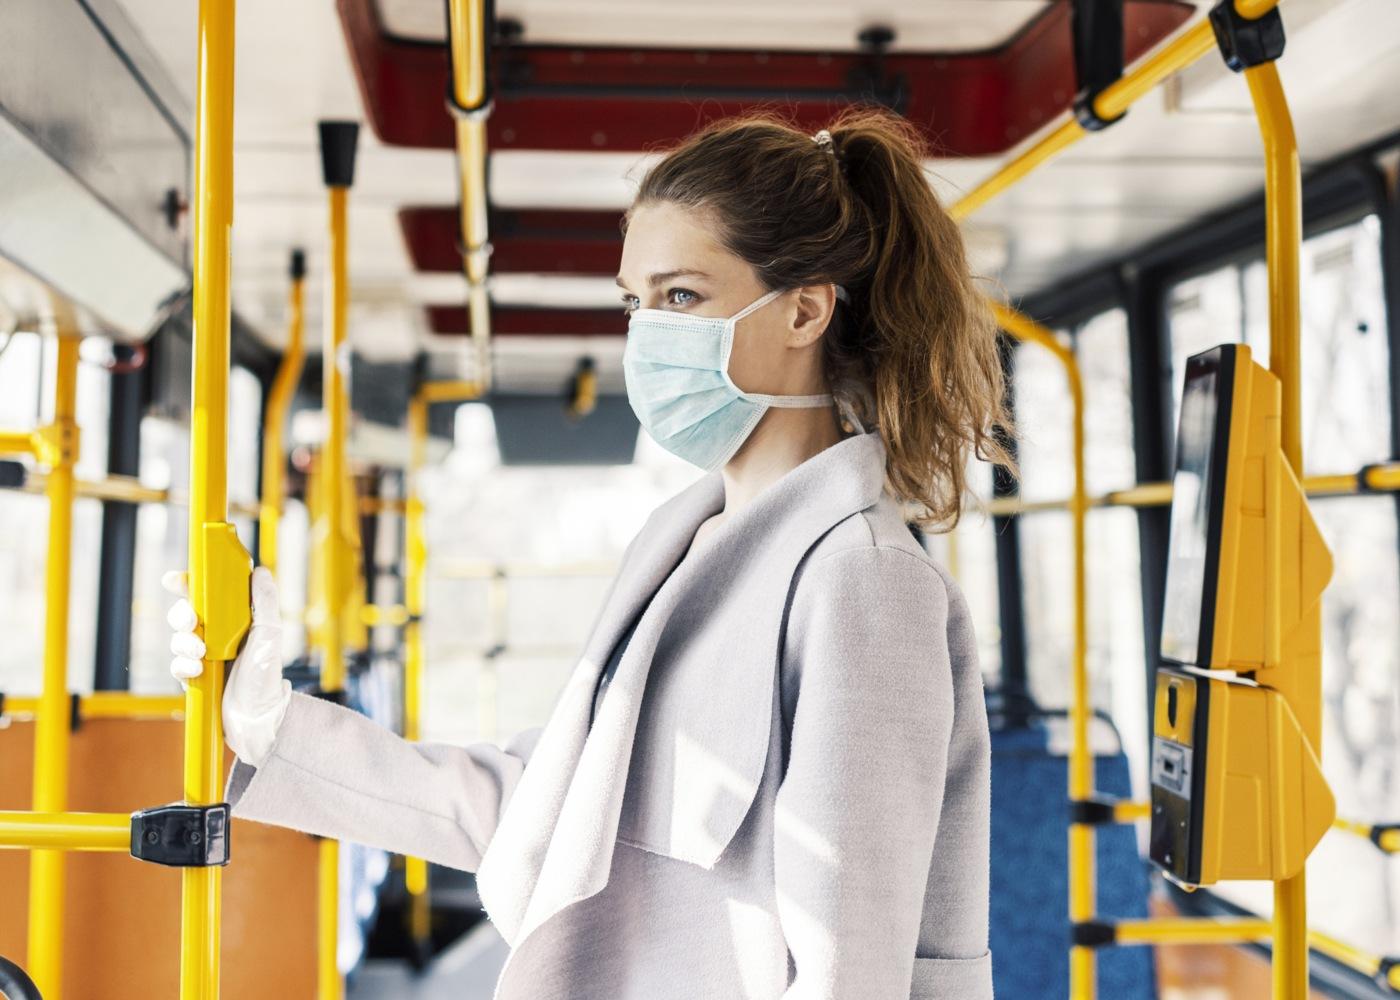 transportes públicos com máscara